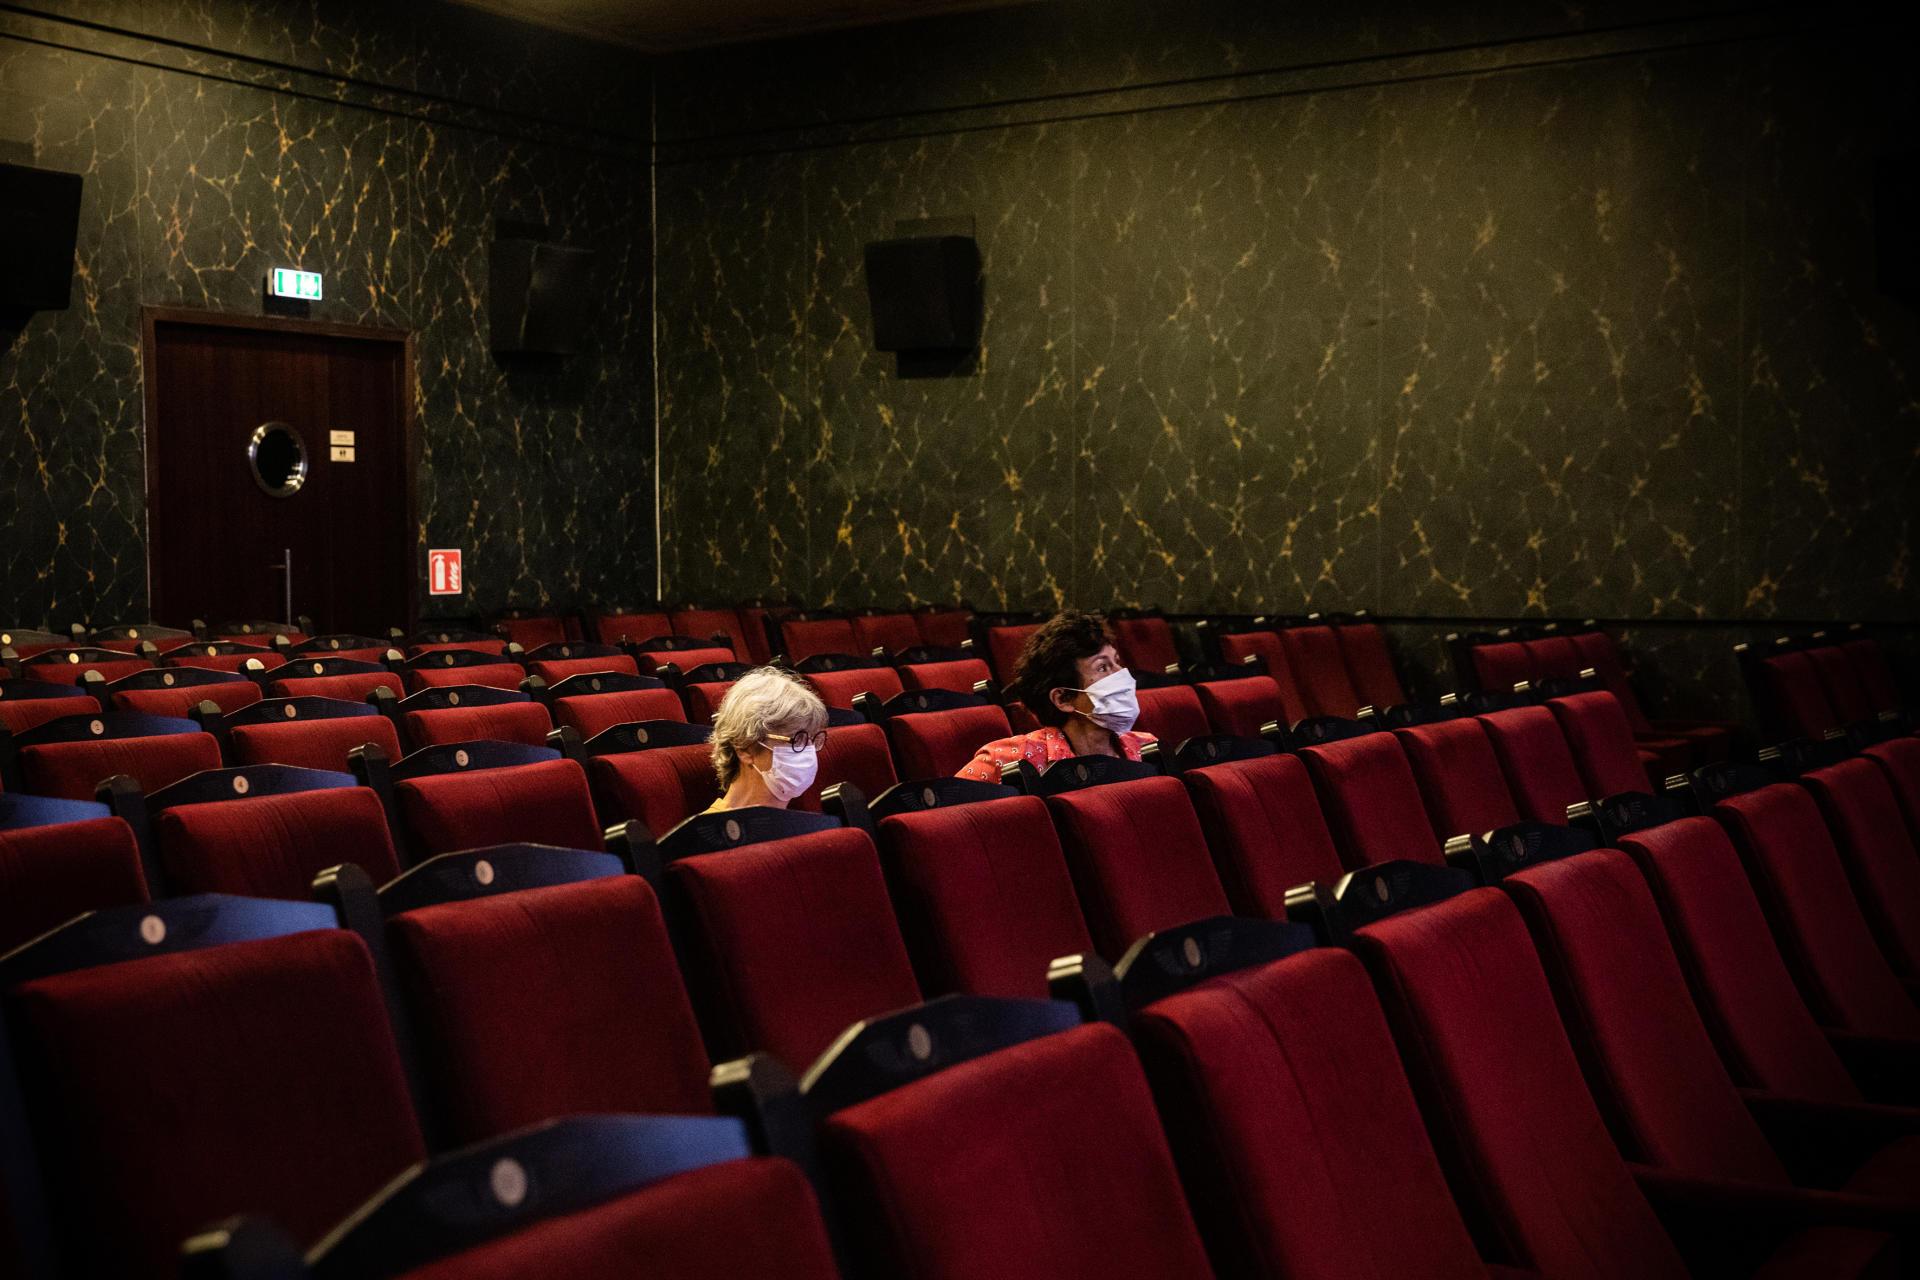 Elizabeth et Catherine sont venue assister à la première séance de projection du cinéma Le Louxor, à Paris le 22 juin. «On habite pas loin et Le Louxor est une salle qu'il faut soutenir, parce que la programmation y est excellente et que le lieu lui-même est magnifique. C'est une journée marquée d'une croix blanche: on se devait d'être là!», précise Elizabeth. Catherine renchérit: «On est de vraies fans de cinéma et les salles nous manquaient vraiment, parce que le virtuel sur petit écran ou sur la télé, ça suffit pas. Pour le cinéma, c'est en salle, et Le Louxor est un des plus beaux cinémas que je connaisse pour fêter cette réouverture.»